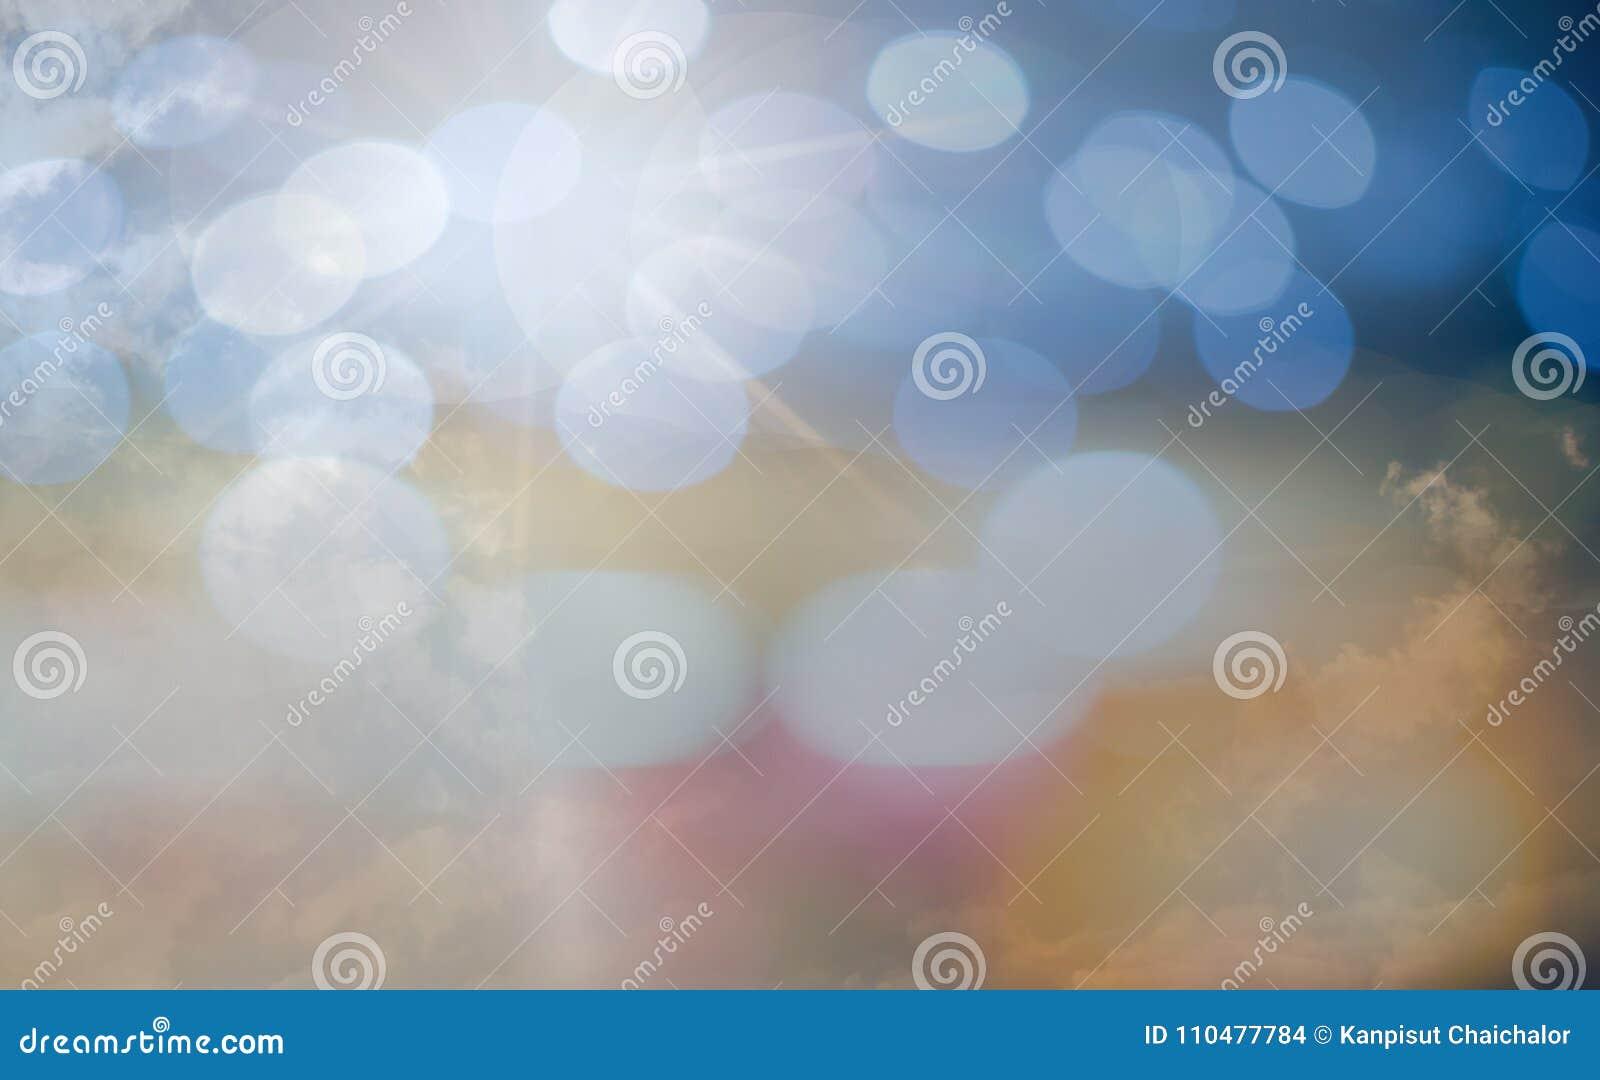 O conceito de adoração do deus, pessoa abre as mãos vazias com palmas acima